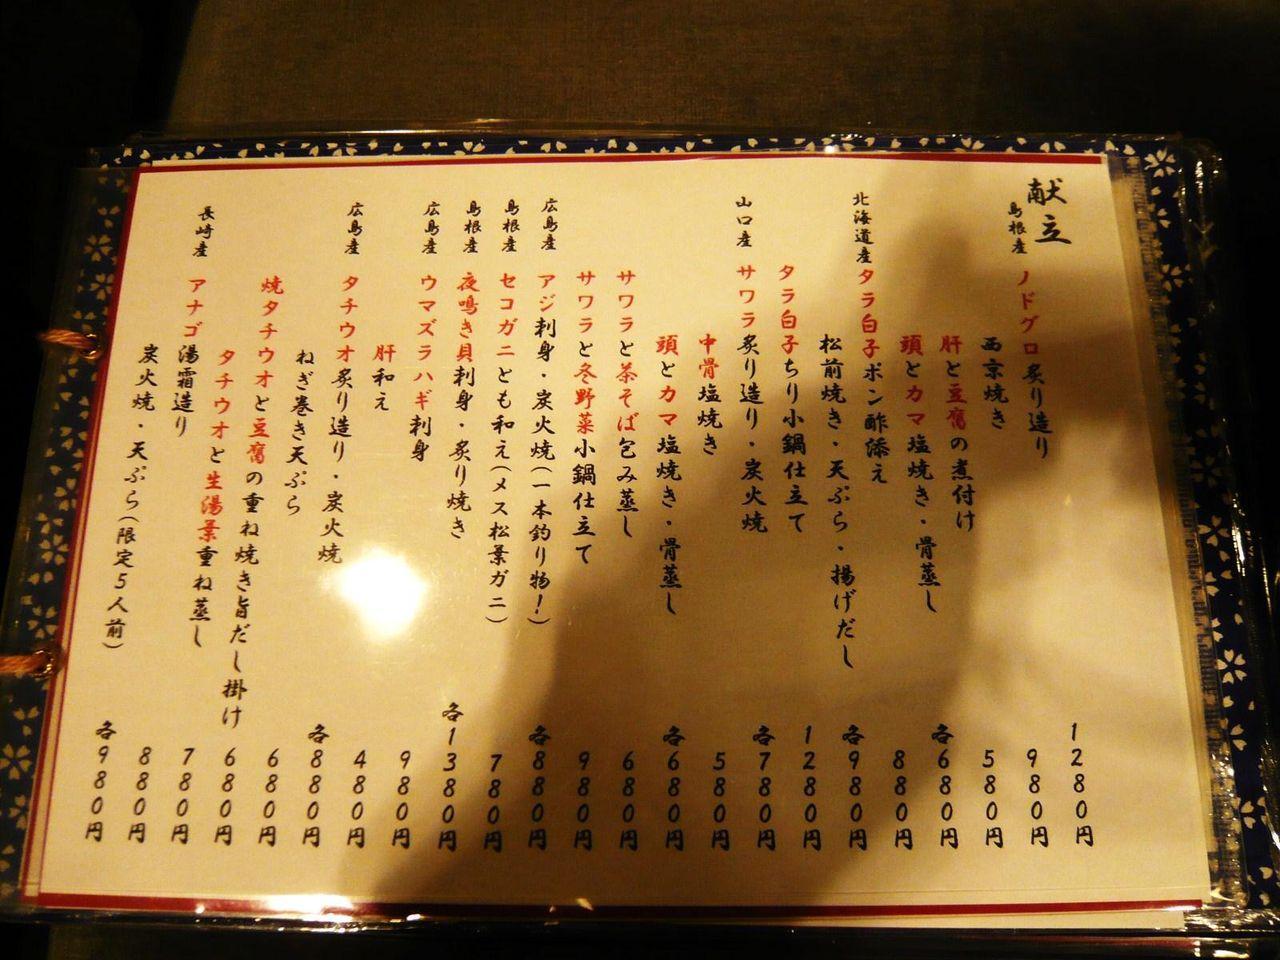 四季祭の海鮮メニュー(22年12月現在)